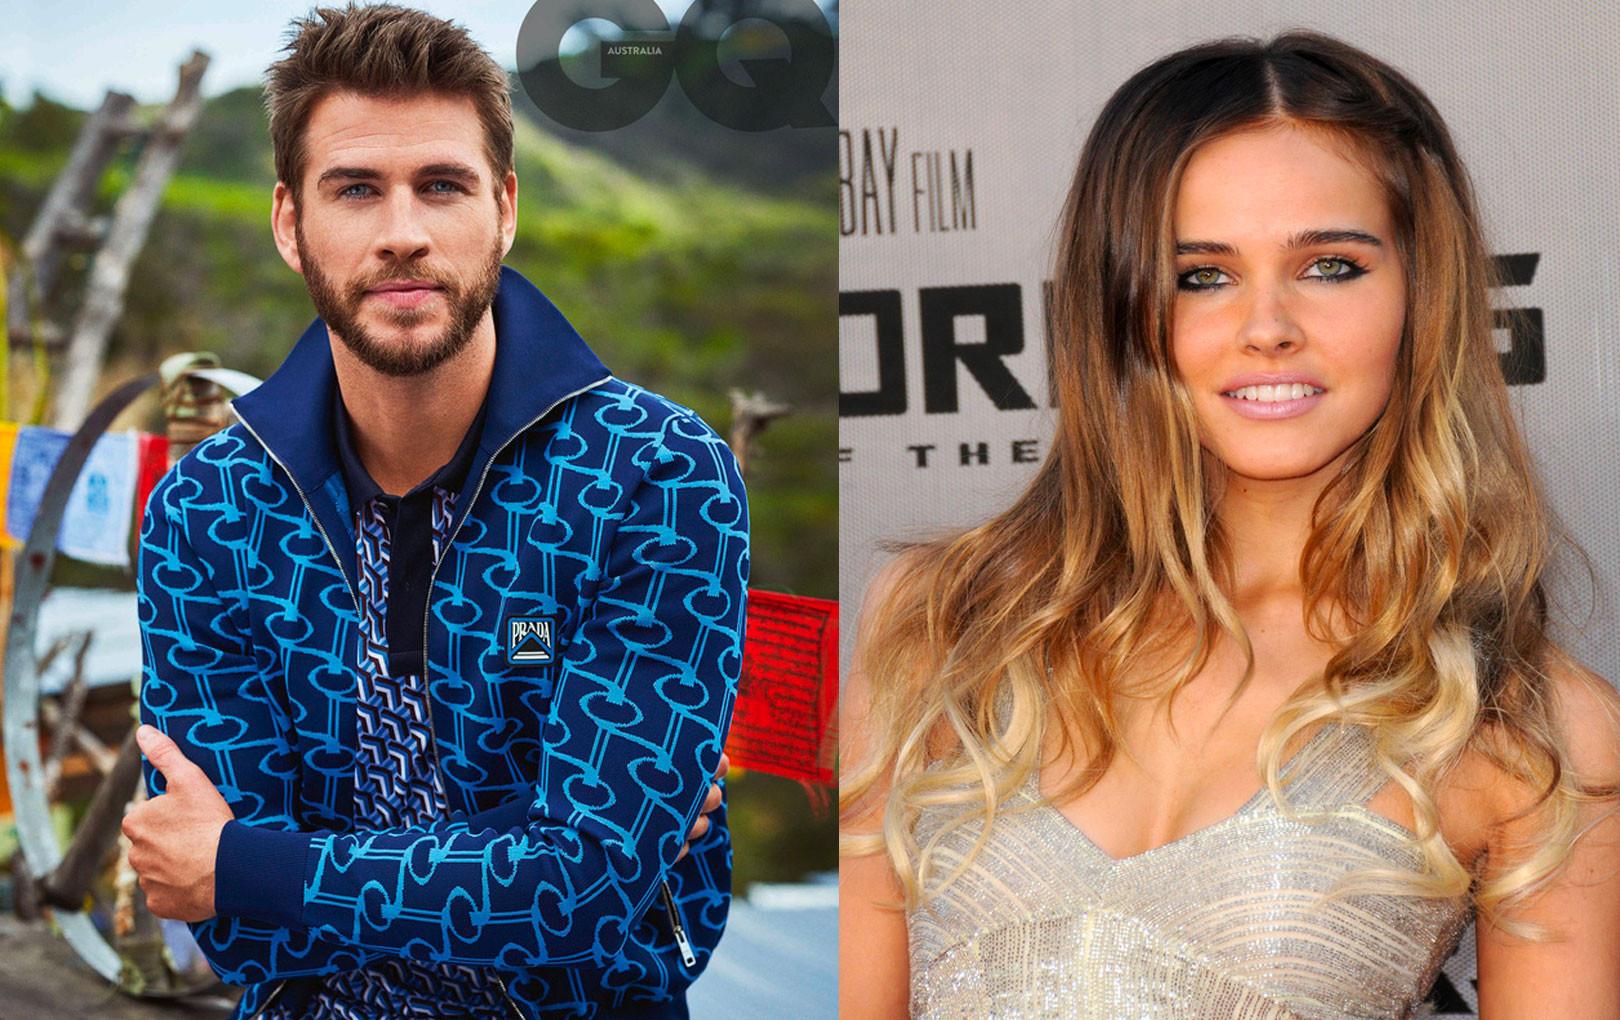 Vừa chia tay Miley, nghi vấn Liam Hemsworth đã có bóng hồng mới kề bên không ngờ là tình cũ của anh trai ruột Chris Hemsworth!